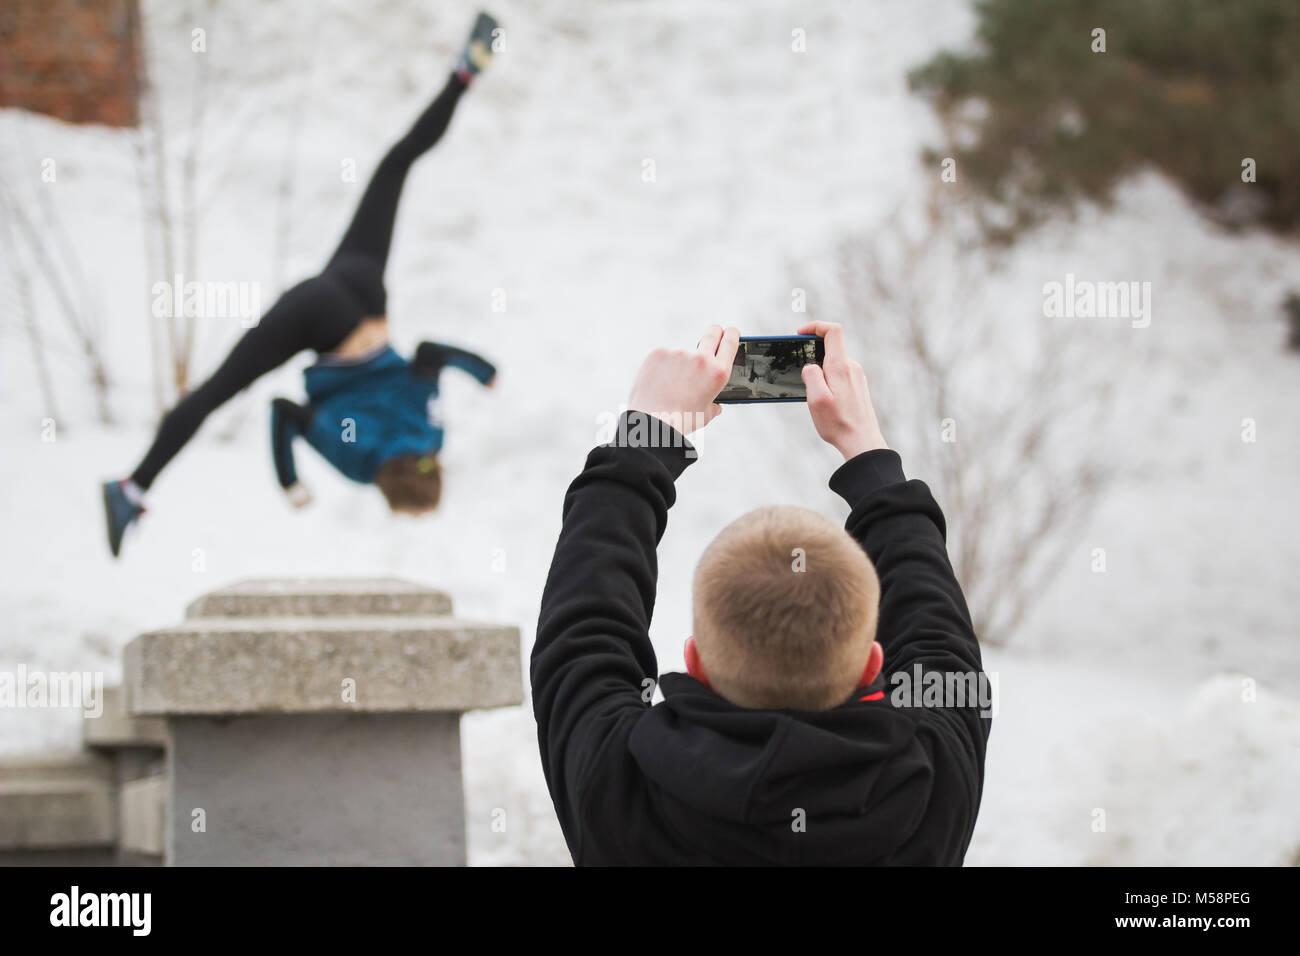 Adolescente rende la foto sullo smartphone del salto acrobatico ragazza in winter city park - Concetto di parkour Immagini Stock